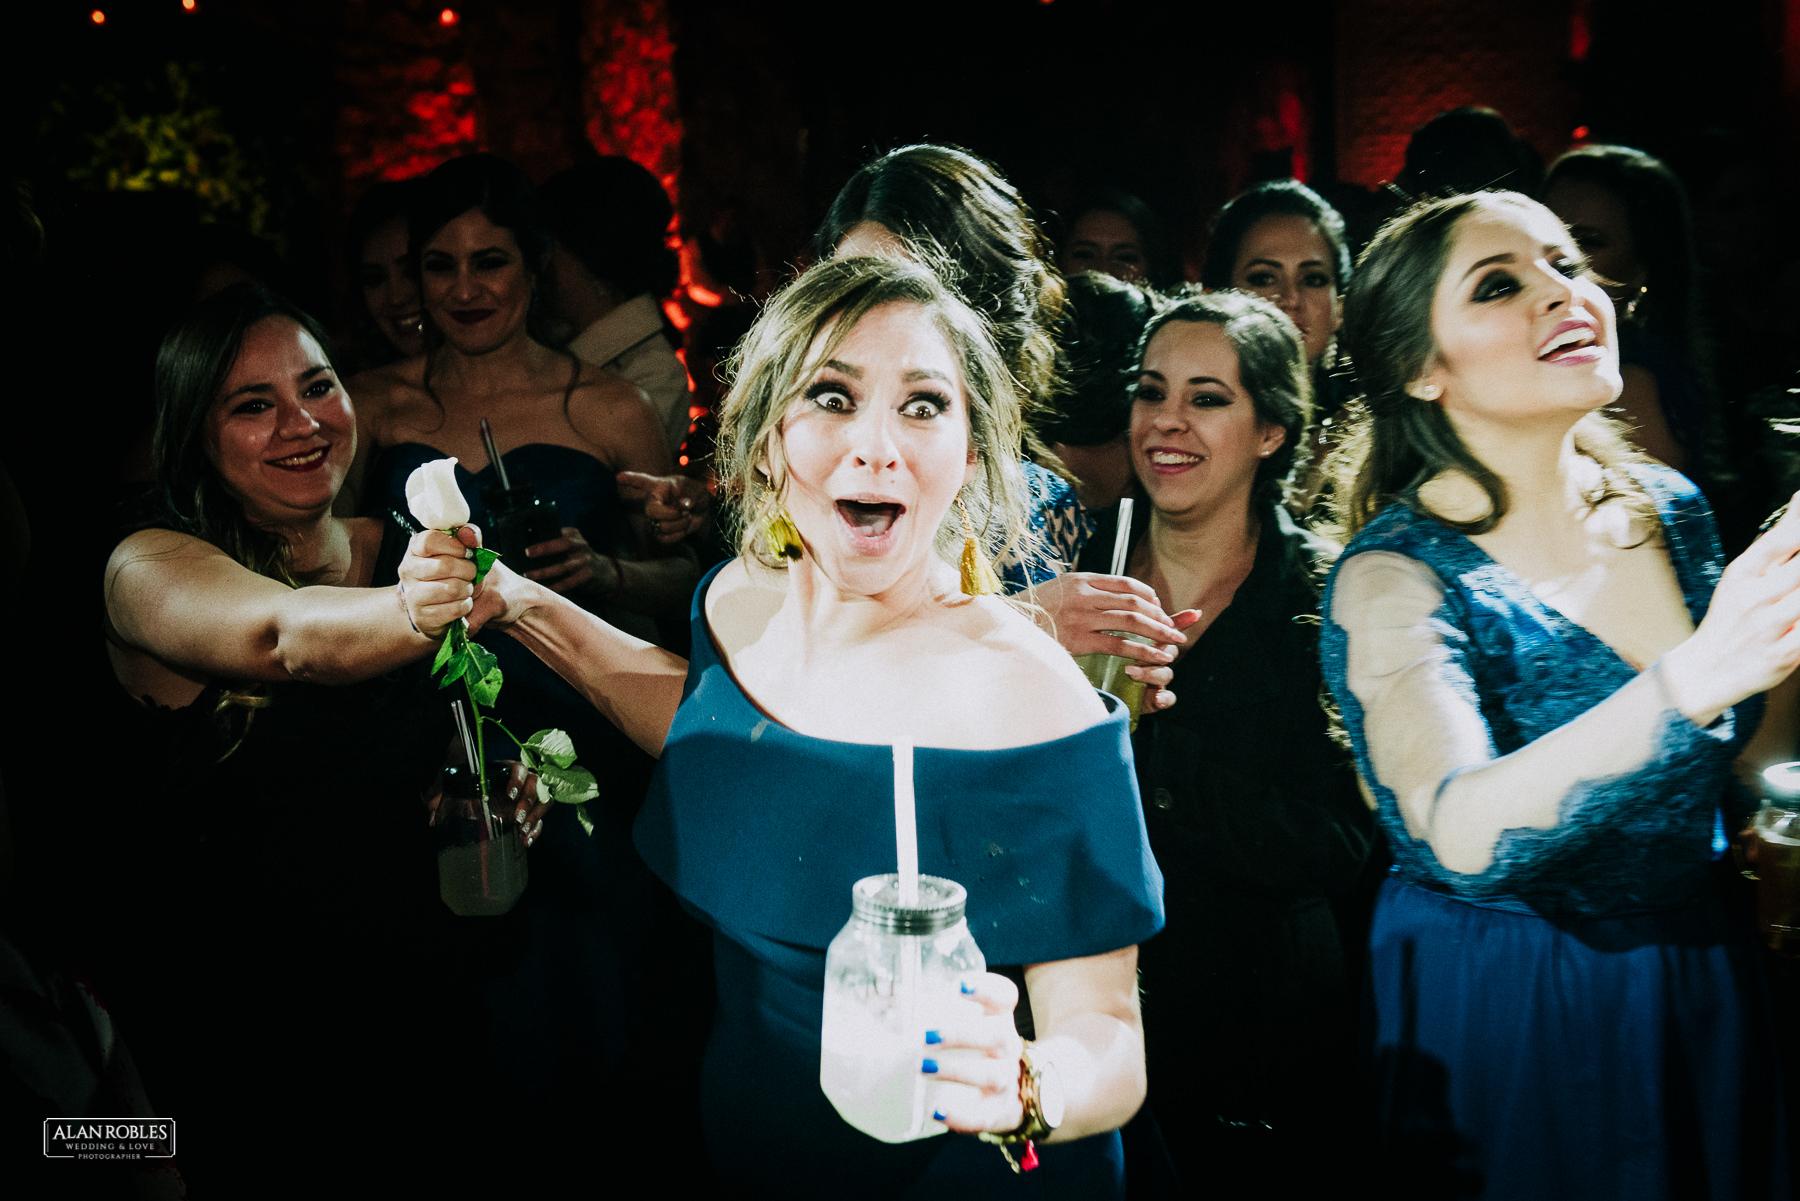 Fotografo de bodas Alan Robles-Casa Clementina Guadalajara DyA-77